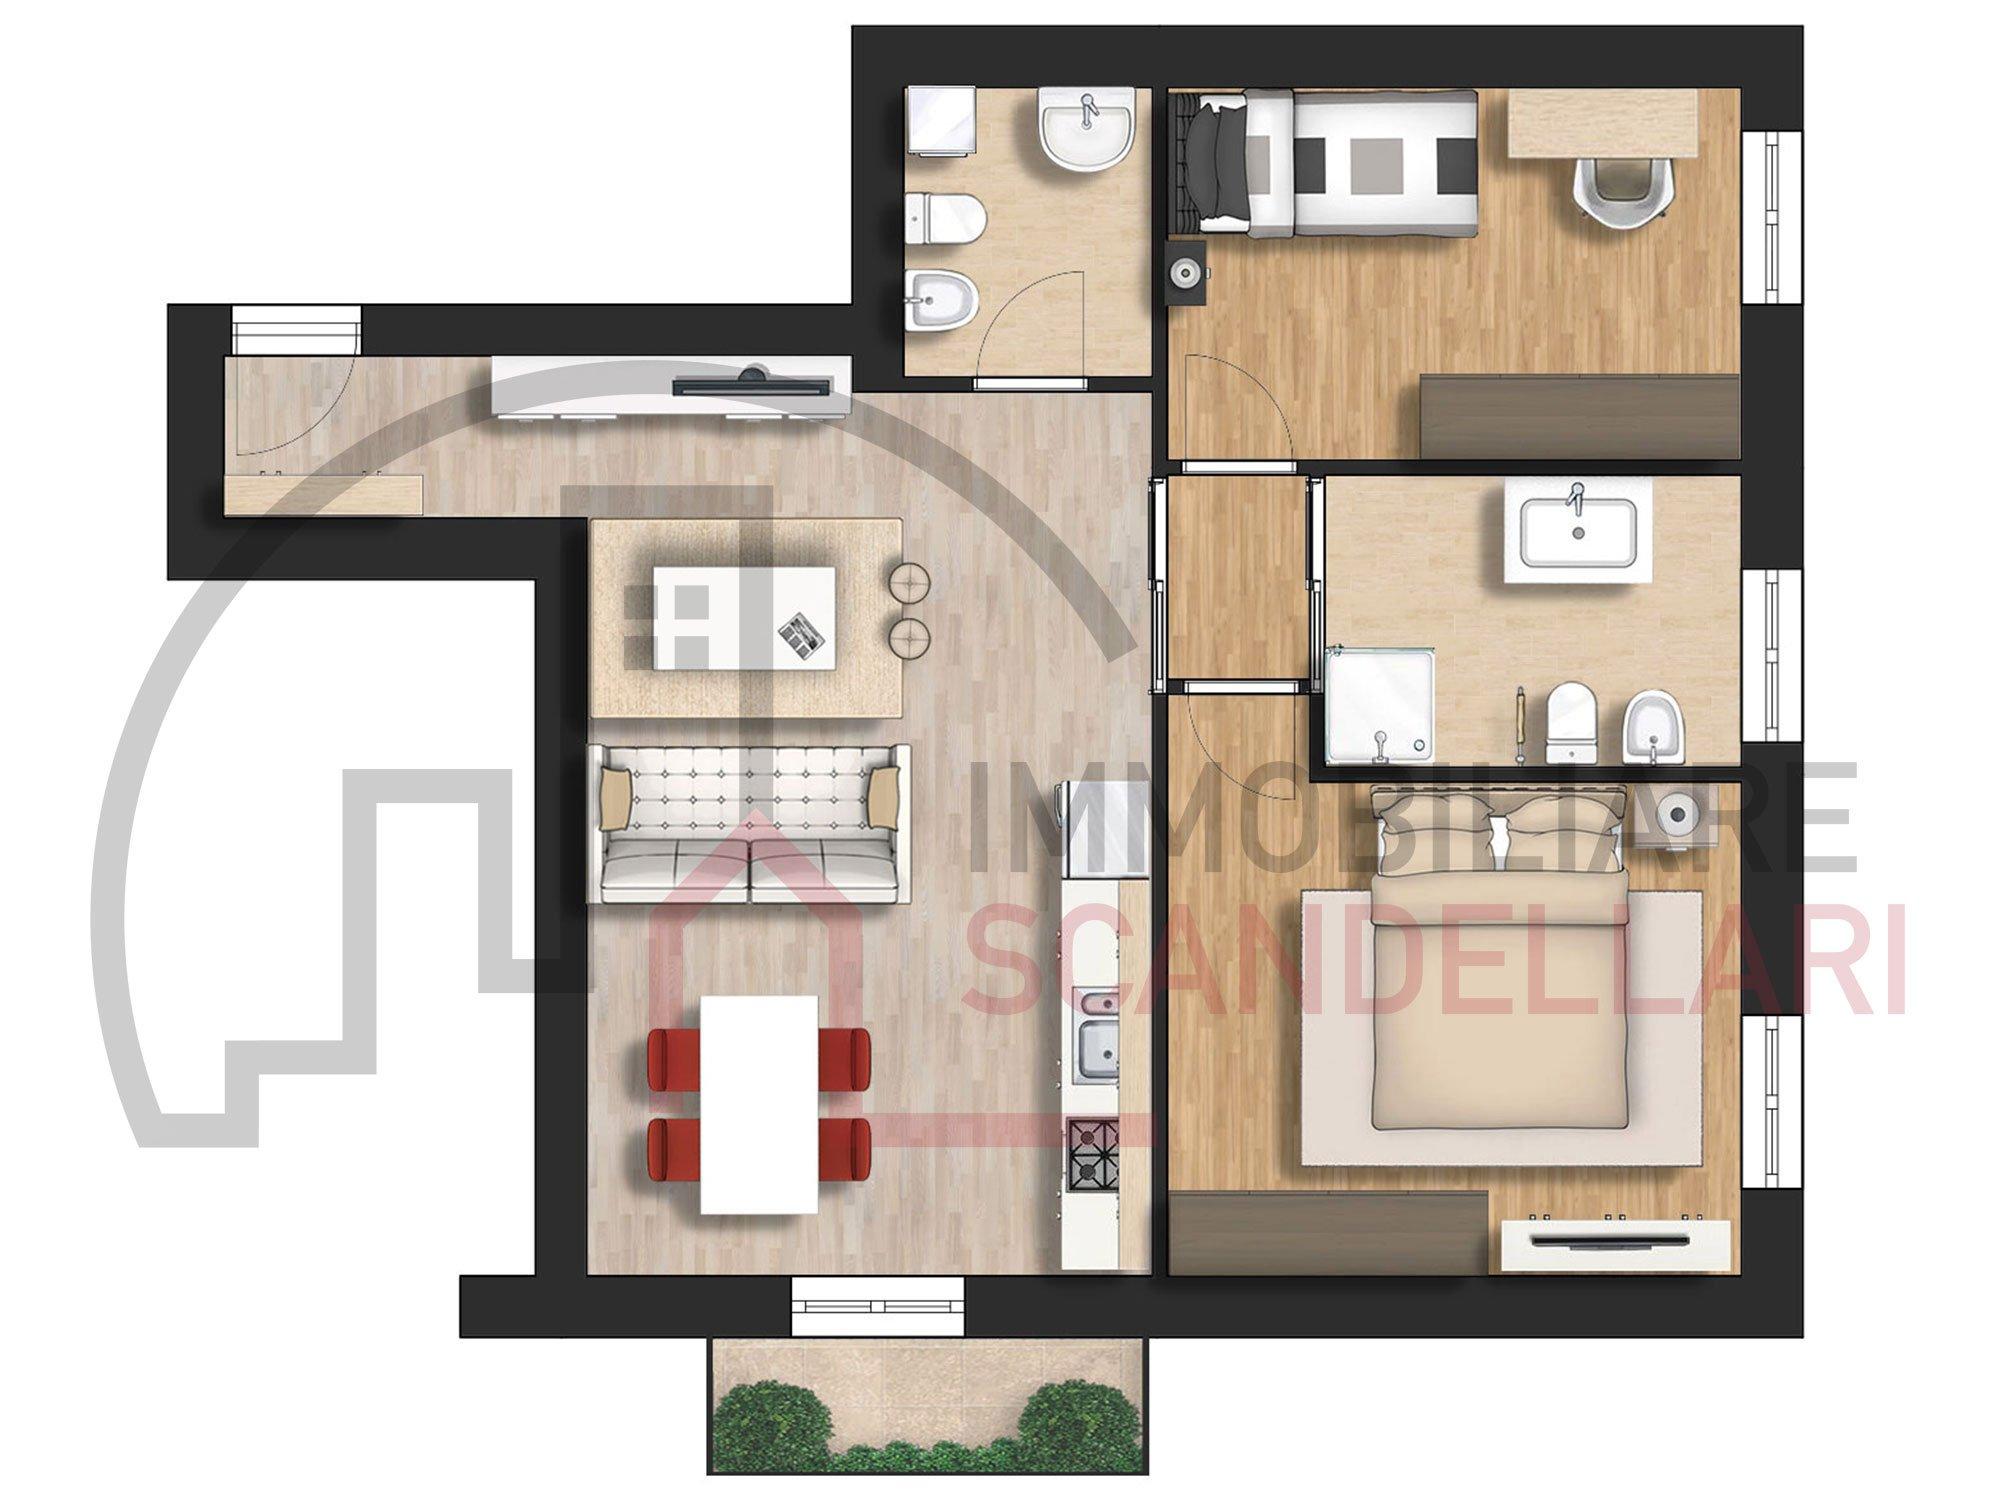 Rimini - San Giuliano - Appartamento ristrutturato in vendita - Immobiliare Scandellari